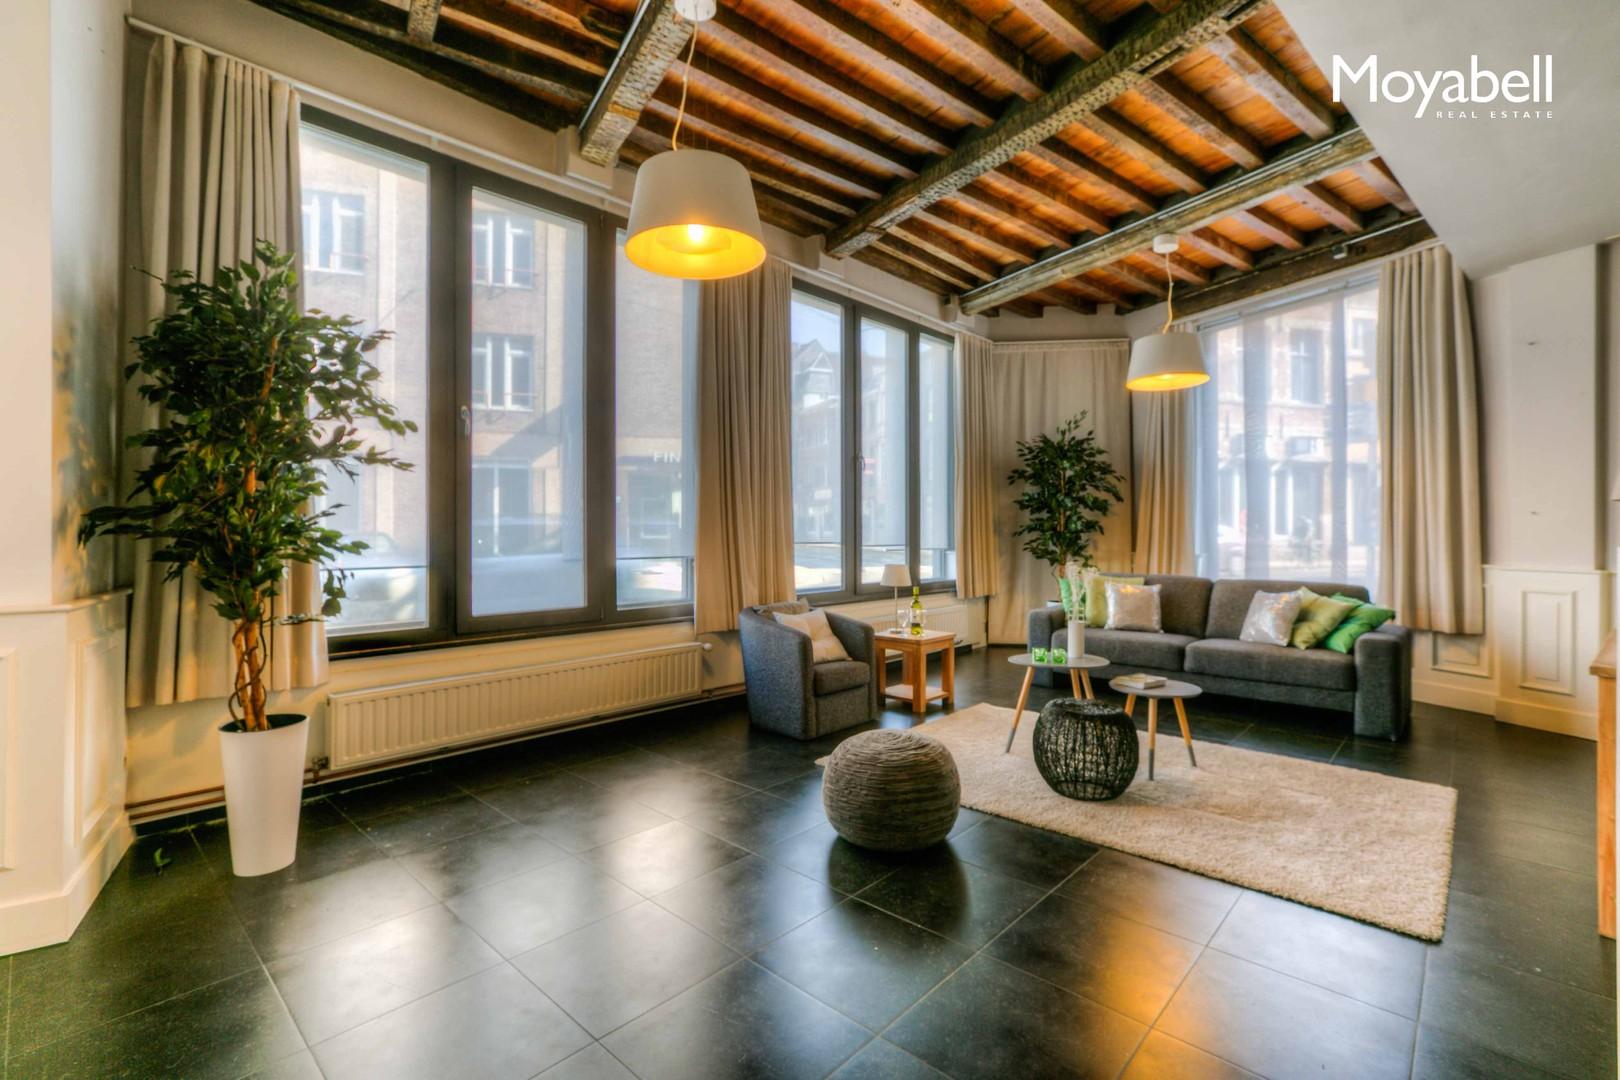 Gerenoveerde multifunctionele woning in het Sint-Elisabeth Begijnhof, Gent.